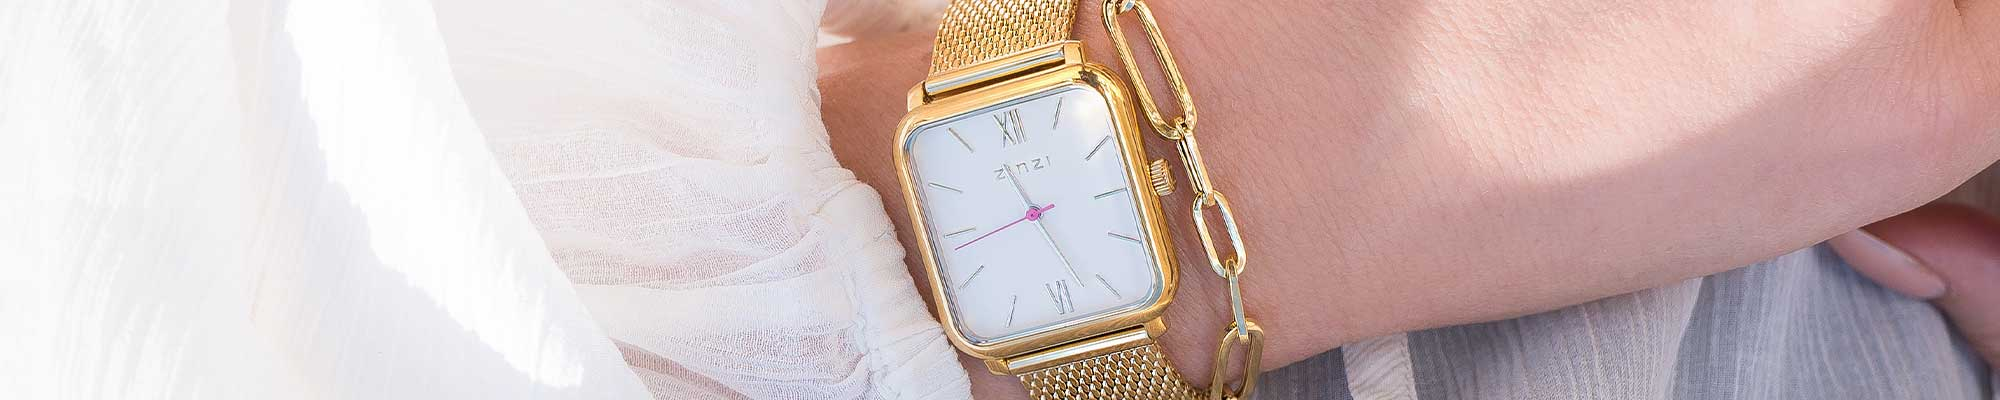 Square Horloges